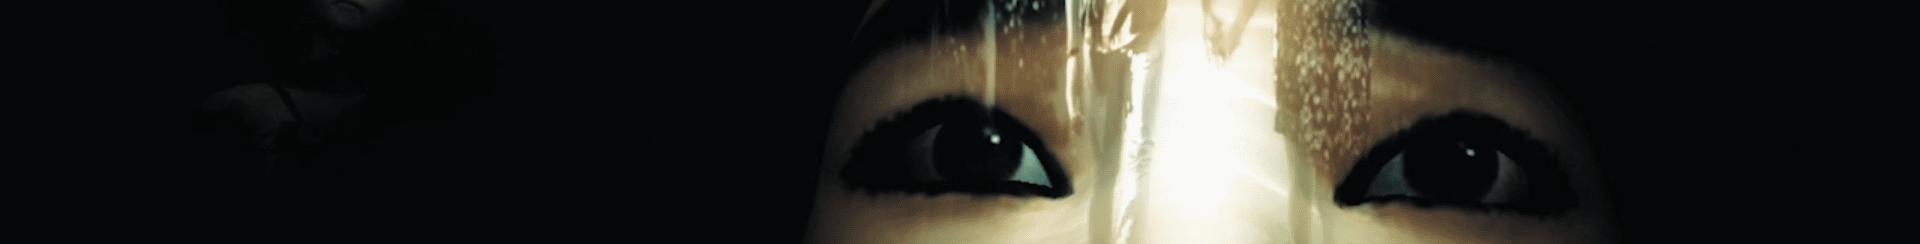 story eyes